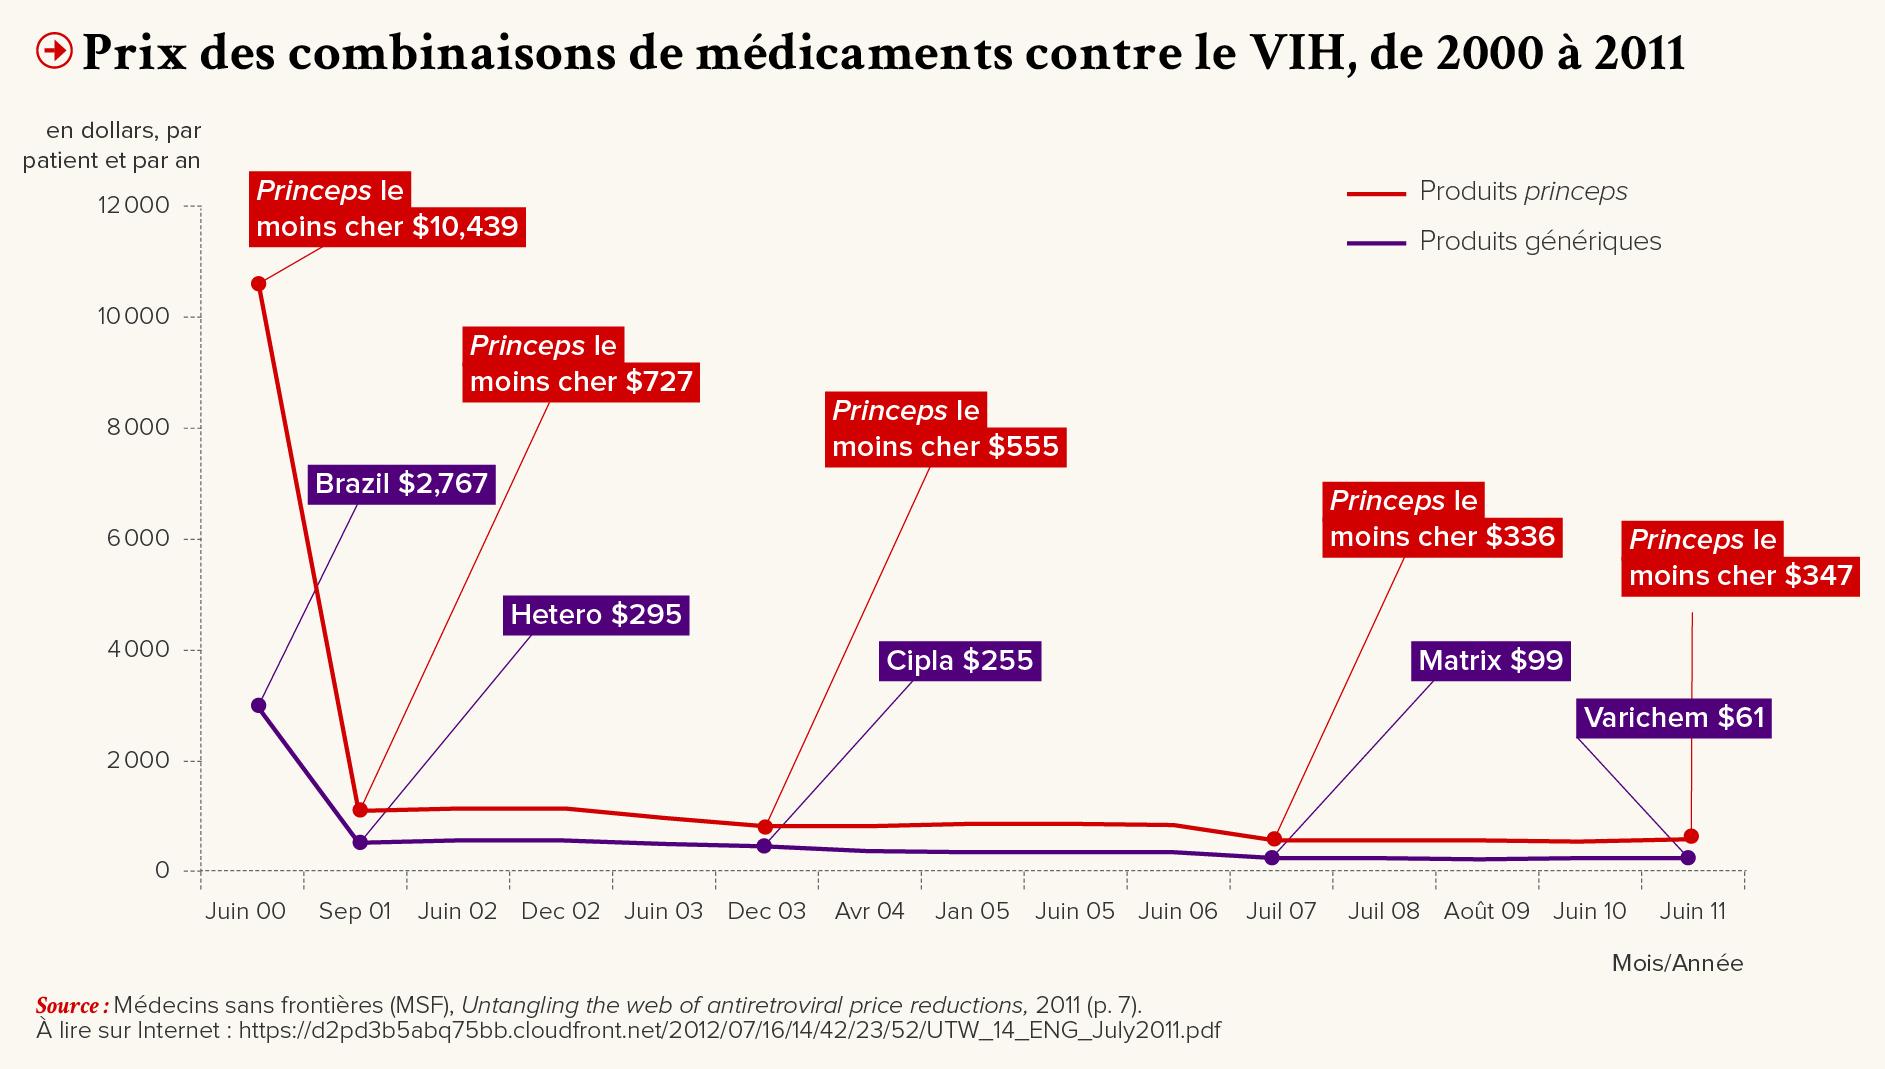 Médecins sans Frontières (MSF), Untangling the web of antiretroviral price reductions, 2011 (p.7). À lire sur Internet : https ://d2pd3b5abq75bb.cloudfront.net/2012/07/16/14/42/23/52/UTW_14_ENG_July2011.pdf